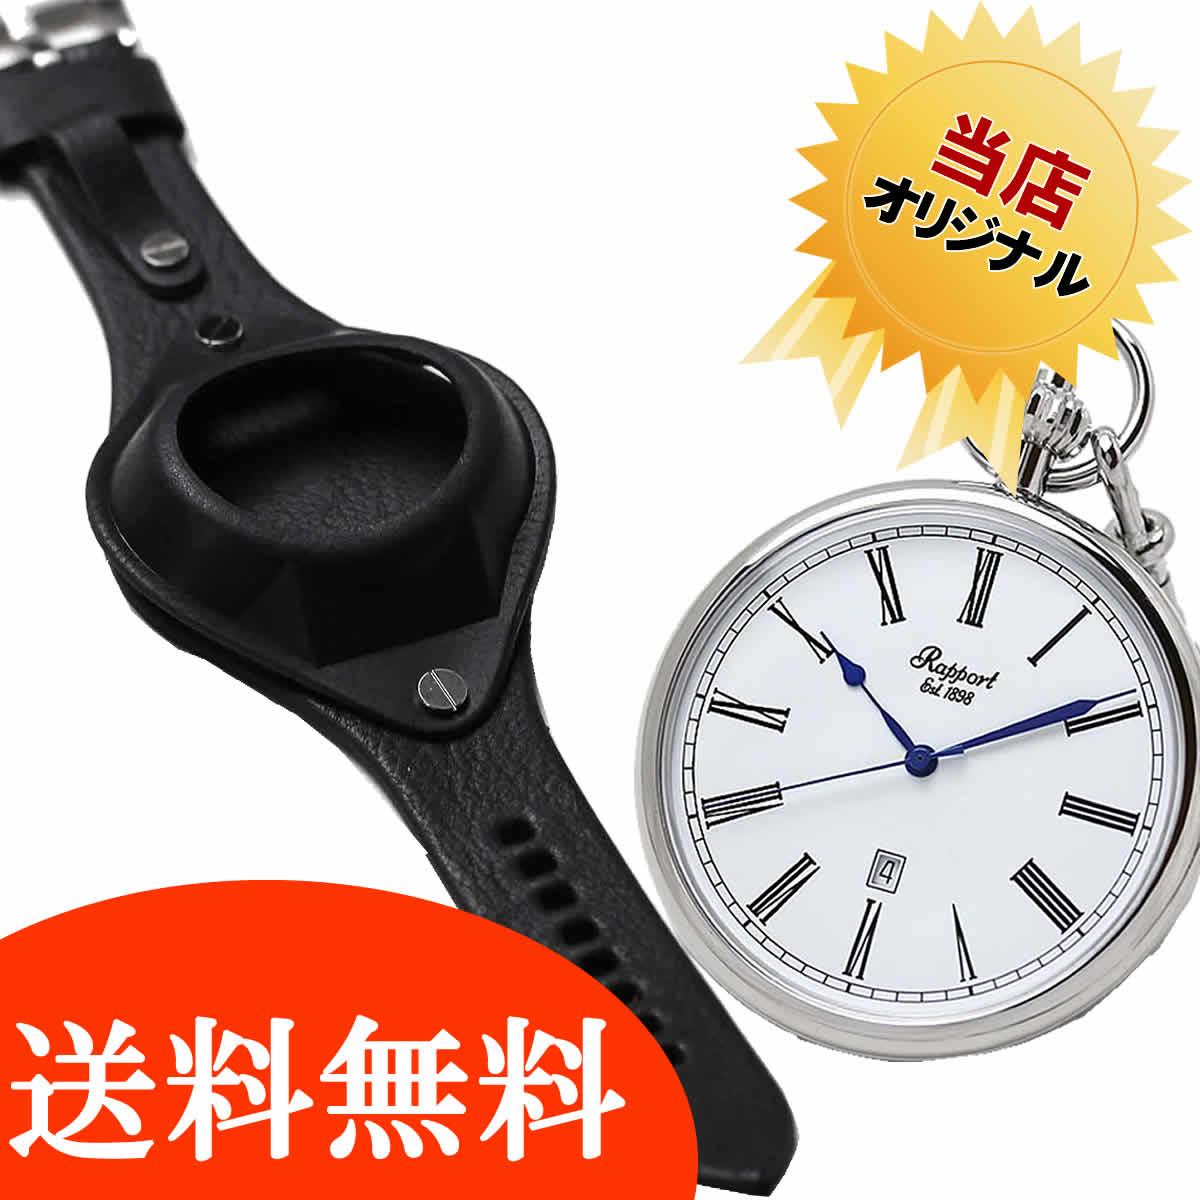 ラポート 懐中時計 クォーツ式PW73と懐中時計用 腕時計レザーベルト ブラックのセット